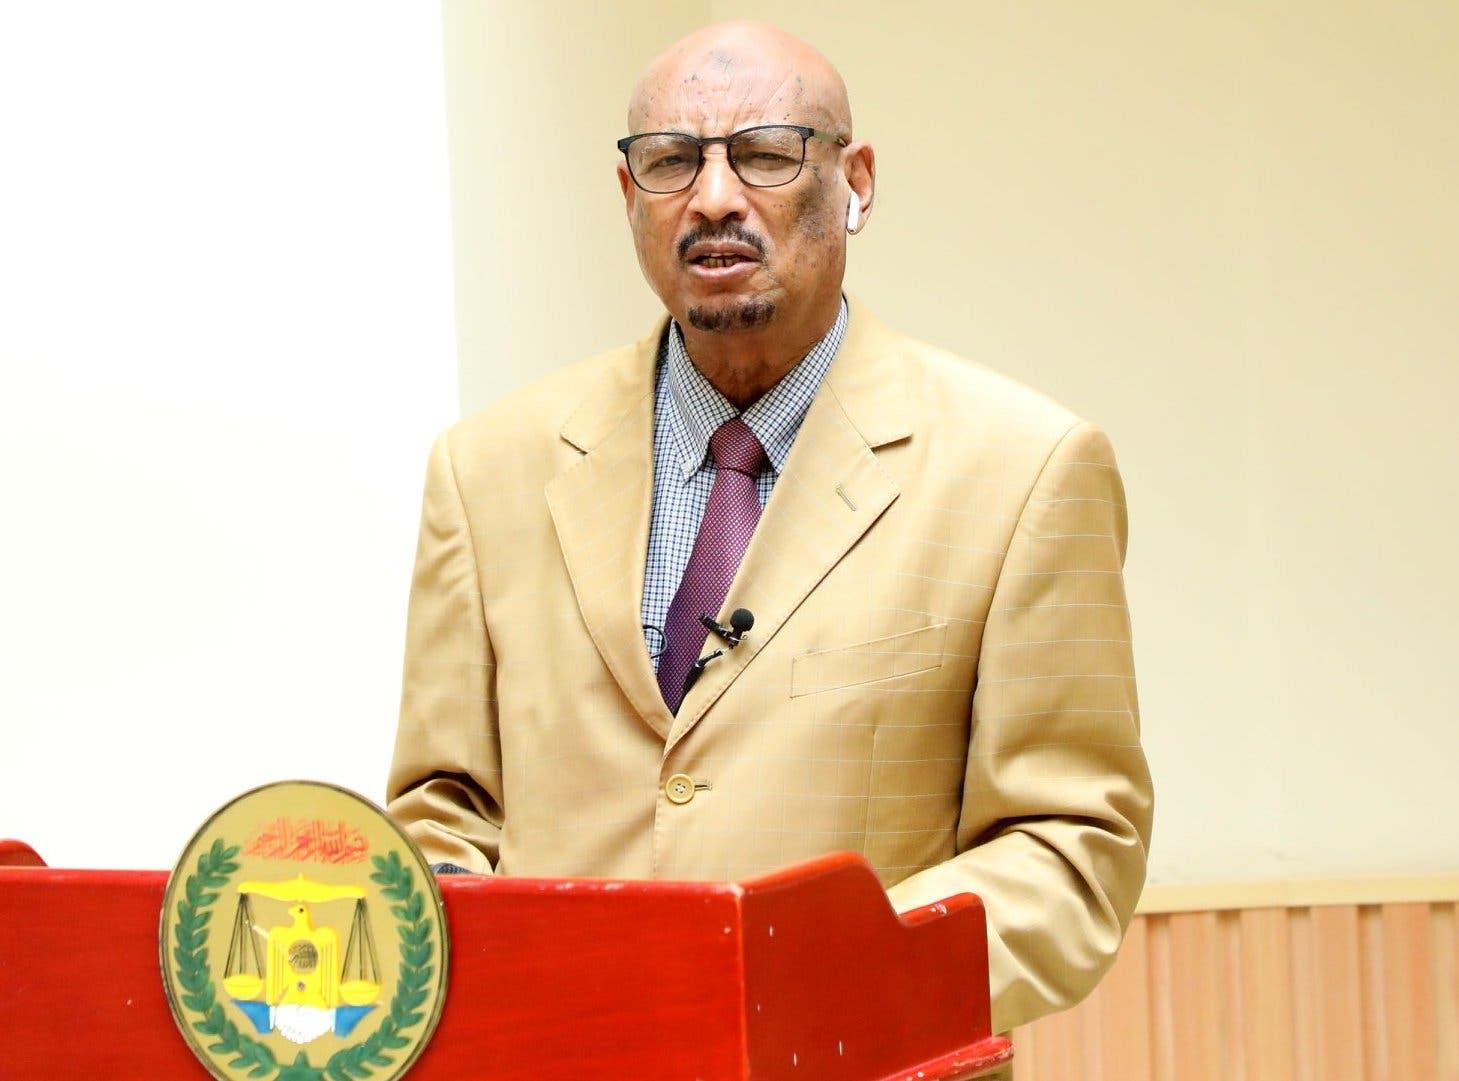 Feysal Cali Waraabe 'oo ka quustay' aqoonsi ay hesho Somaliland, hal sabab darted